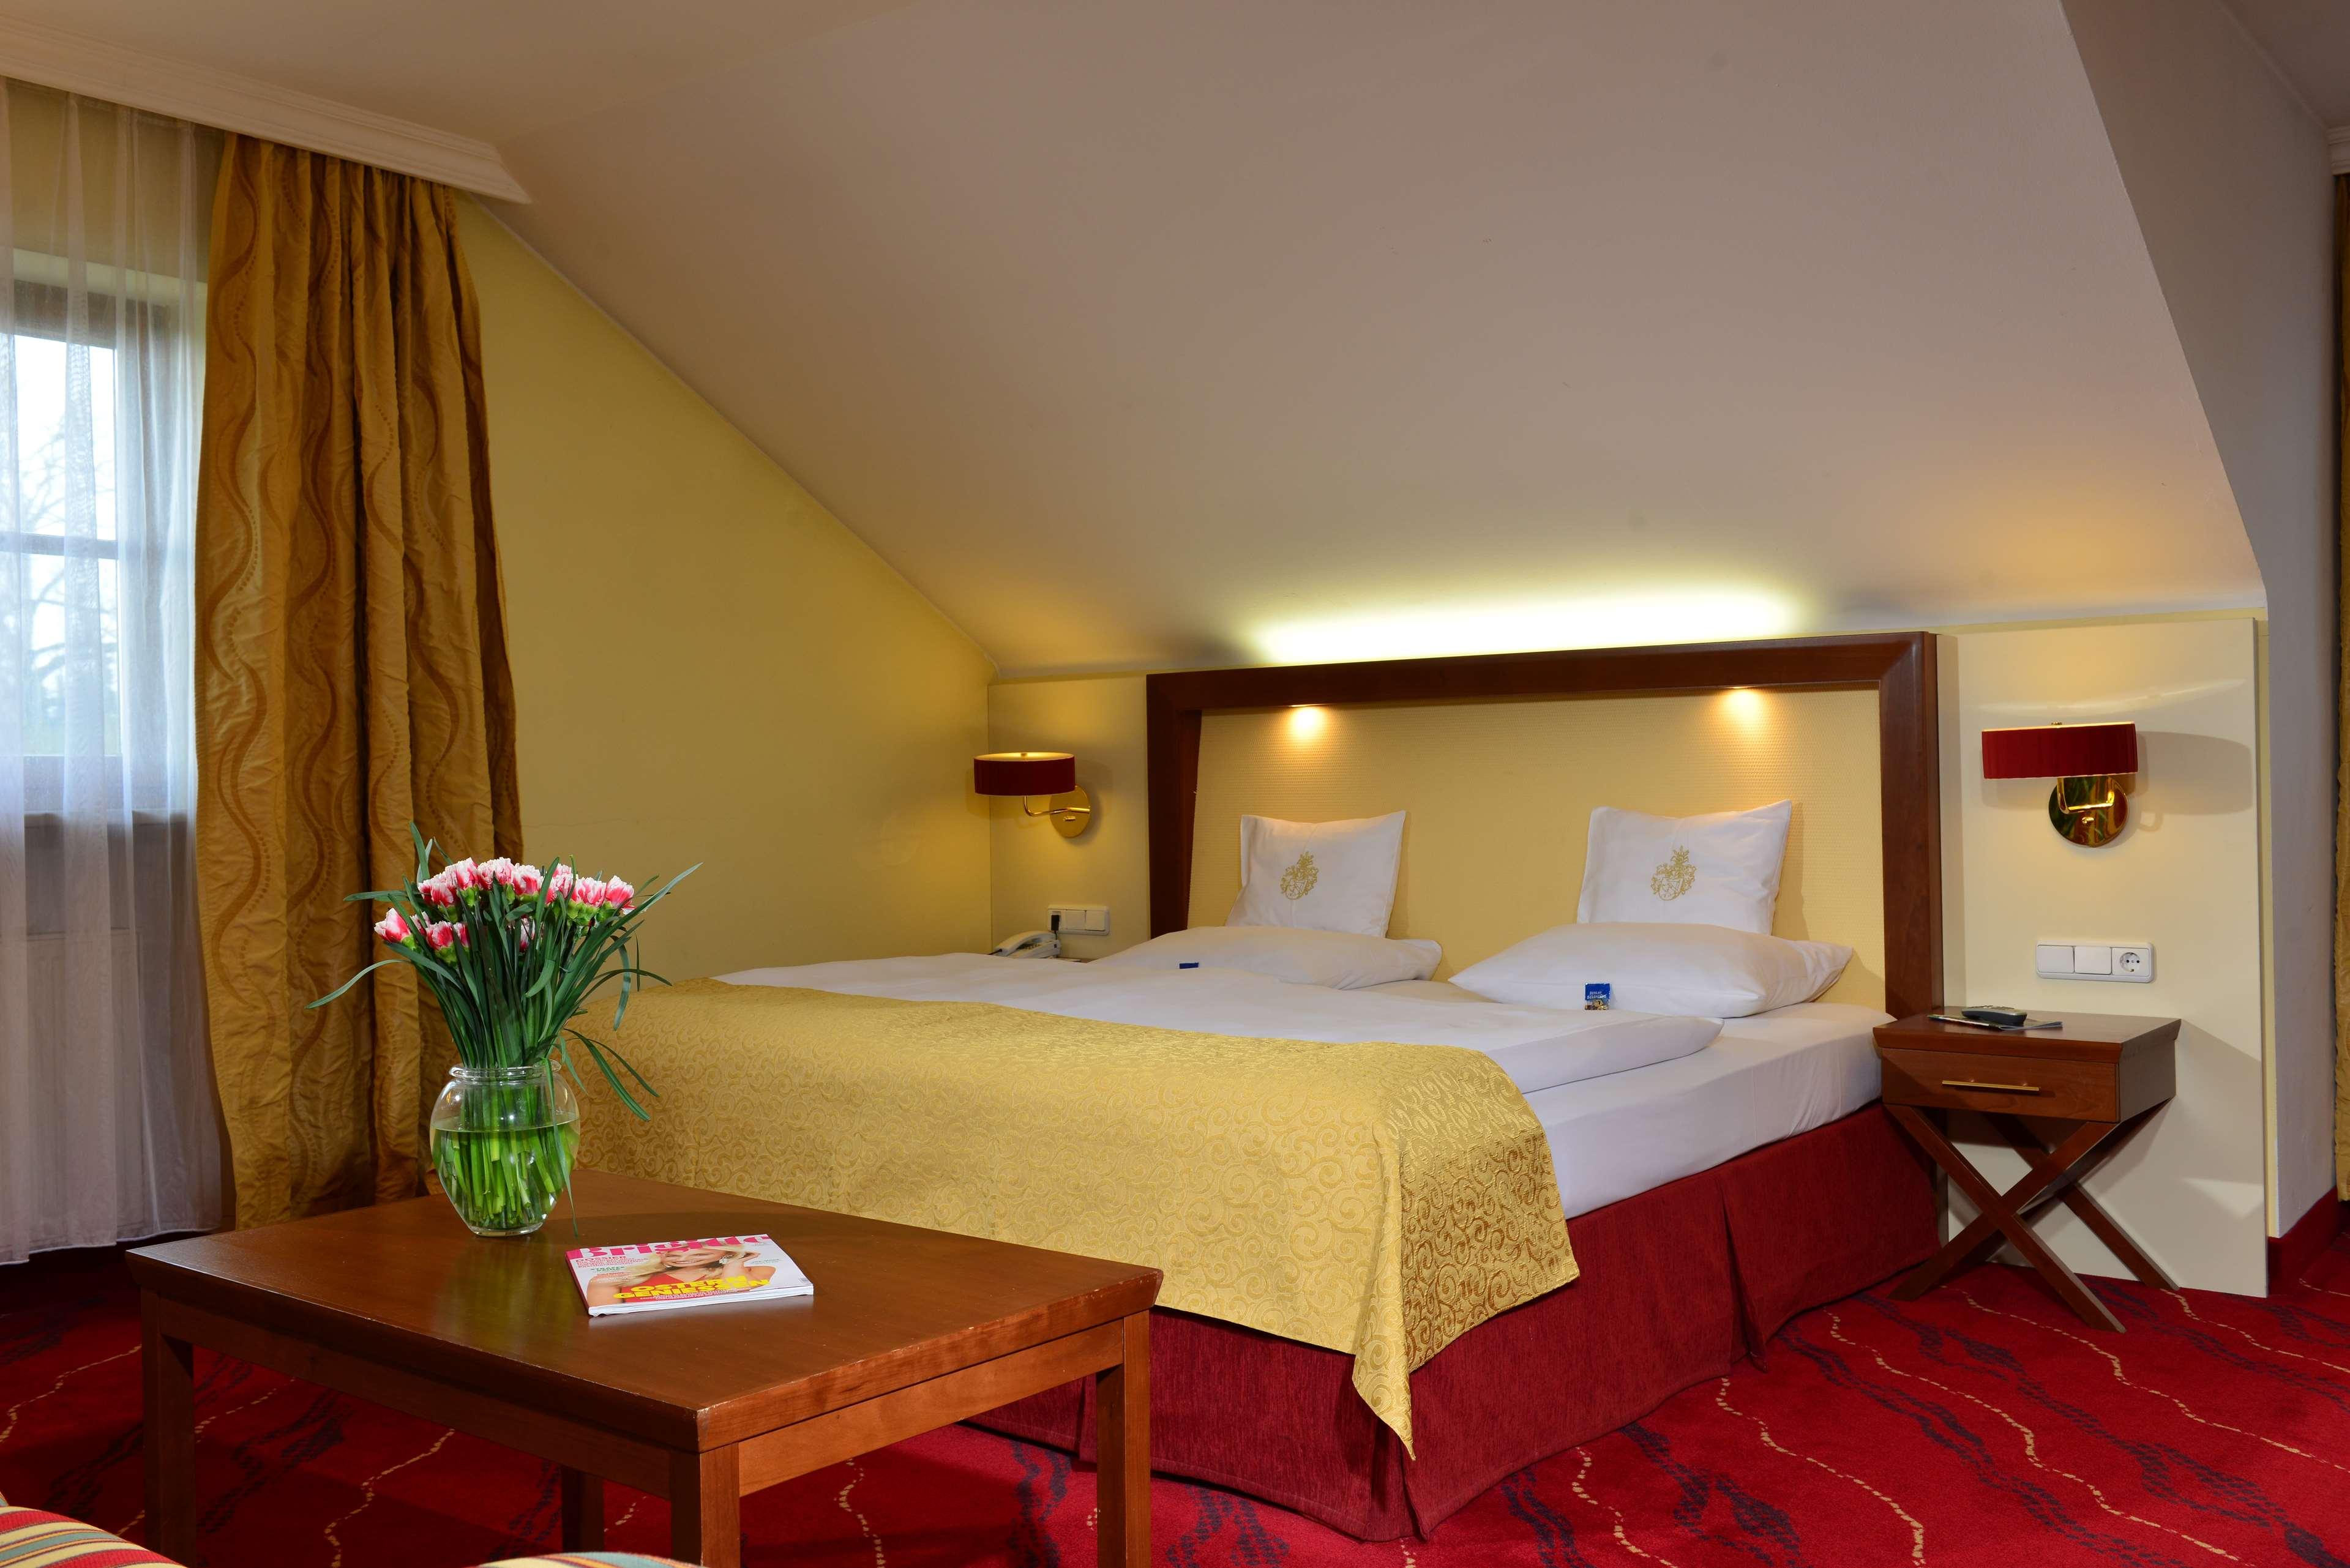 best western plus hotel erb hotels hotels restaurants parsdorf deutschland tel 089991